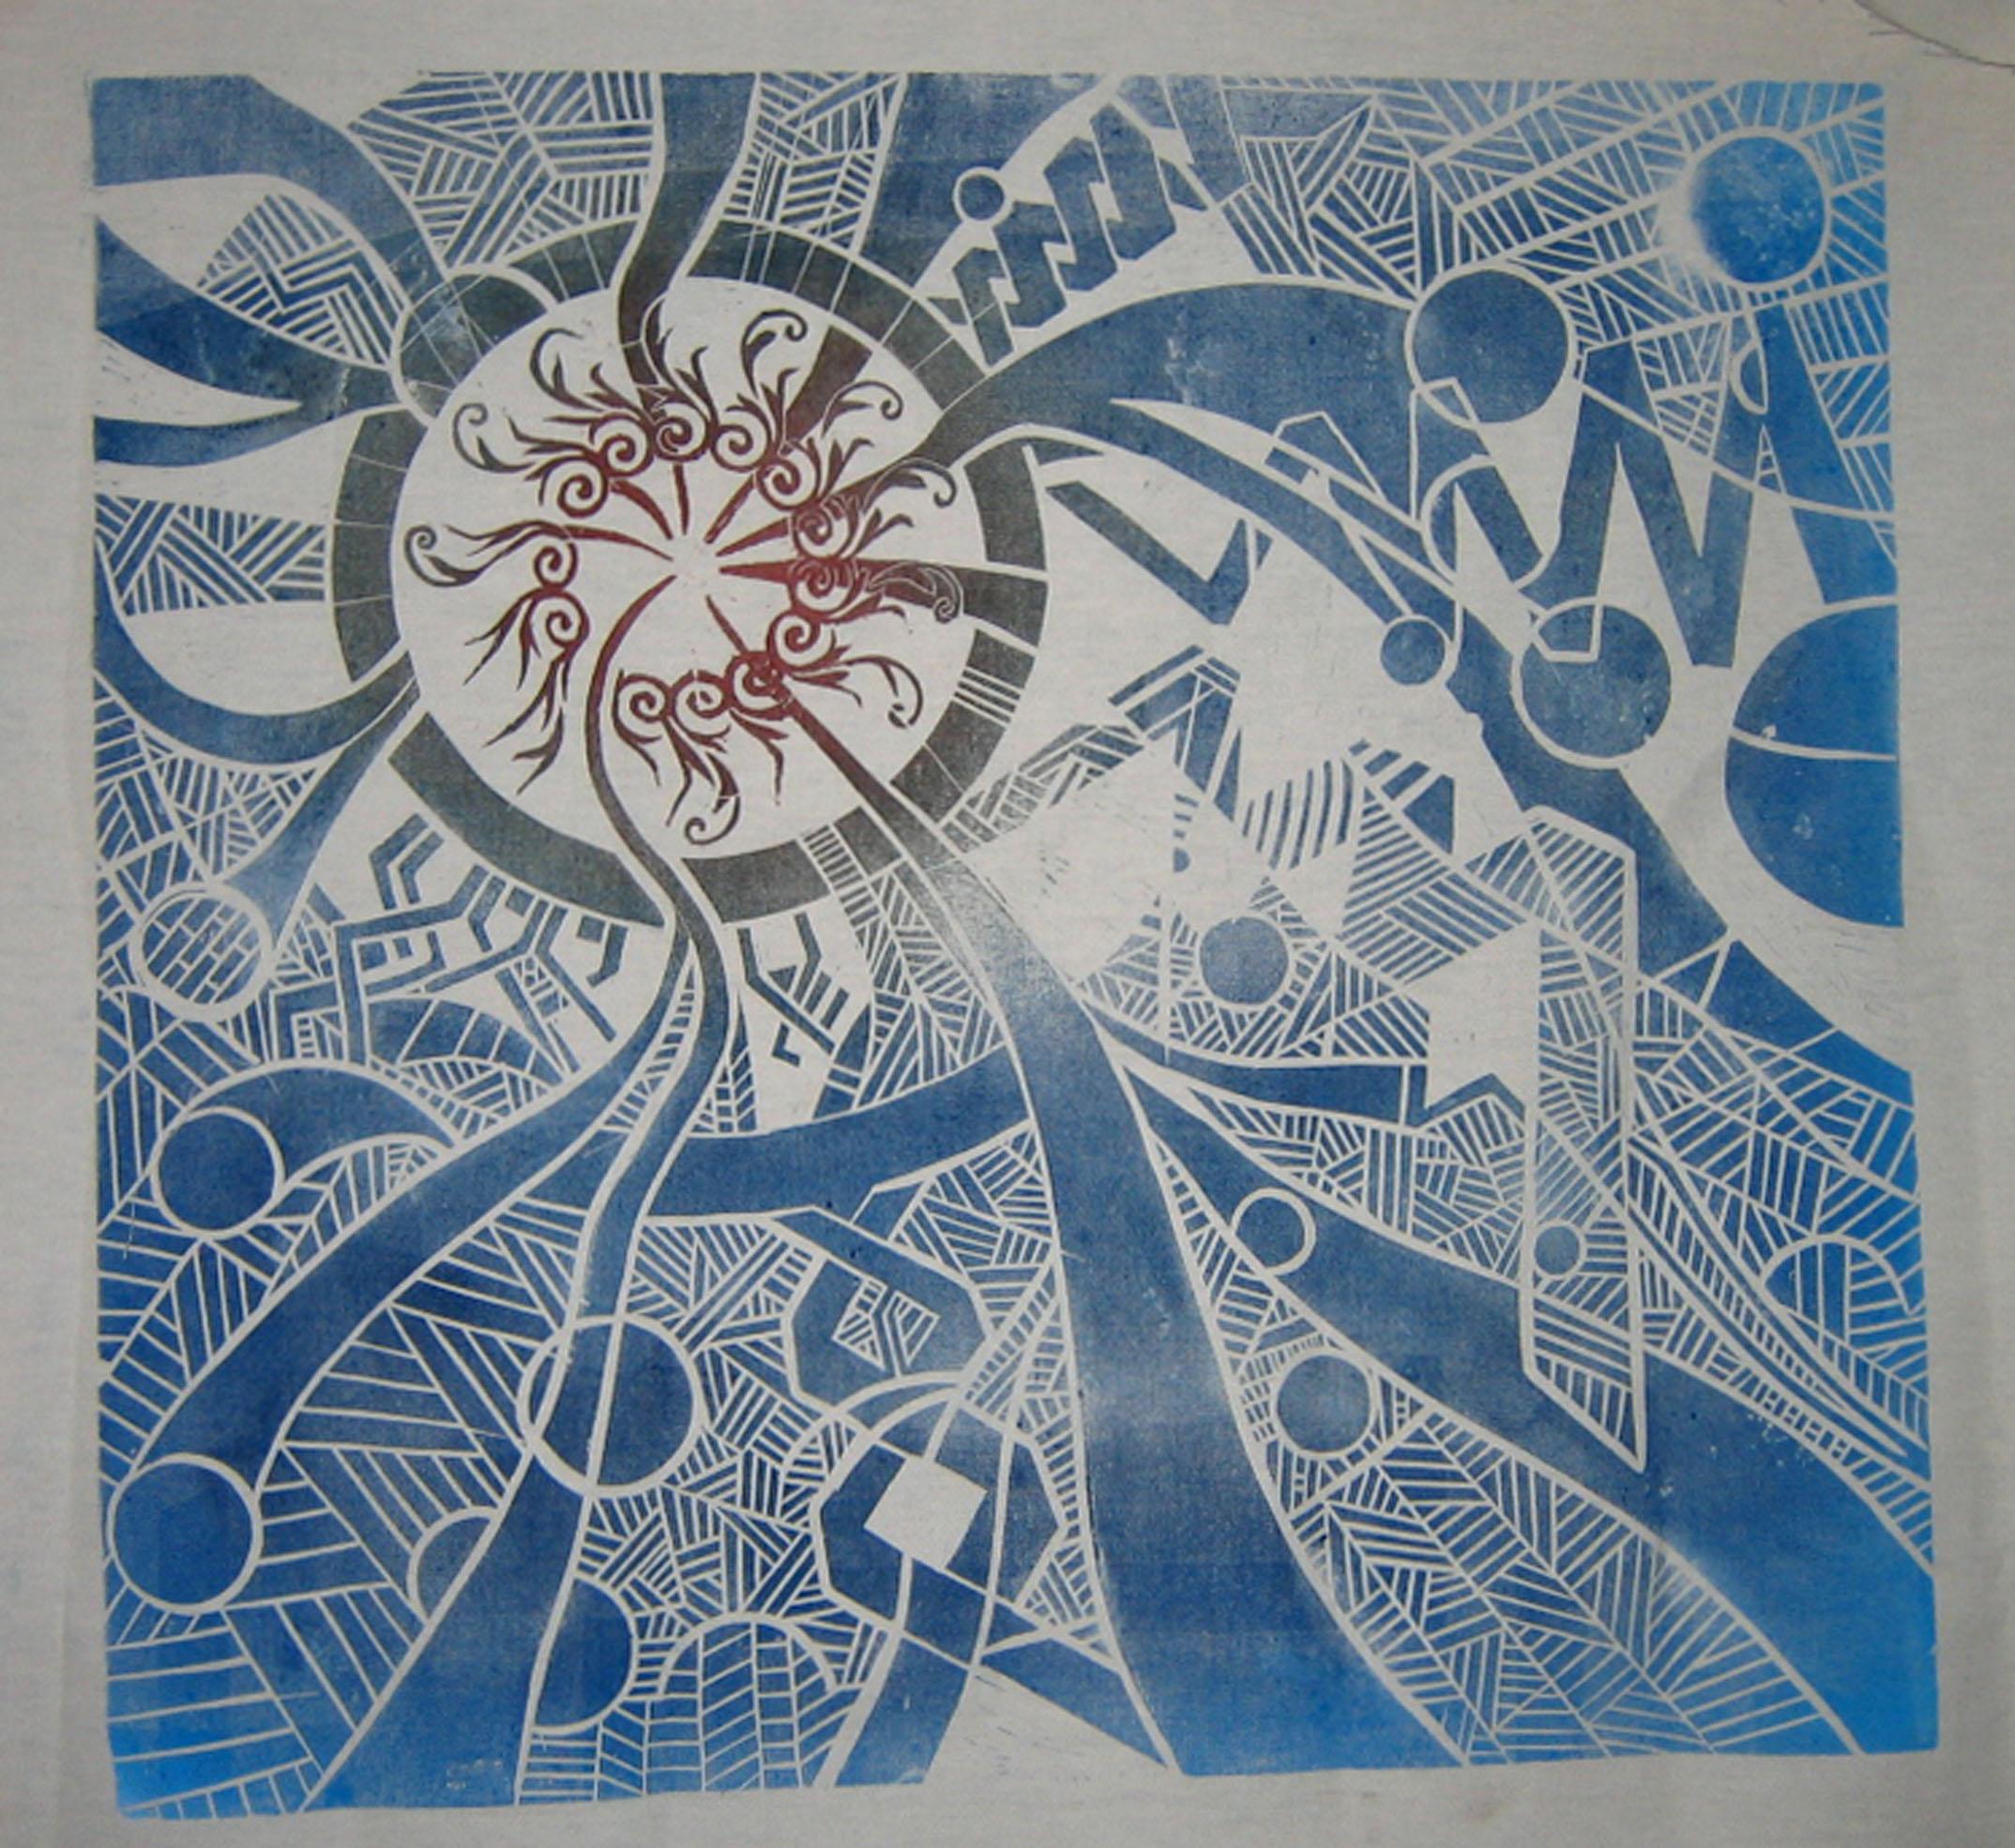 Picture of Linoleum Block / Printmaking